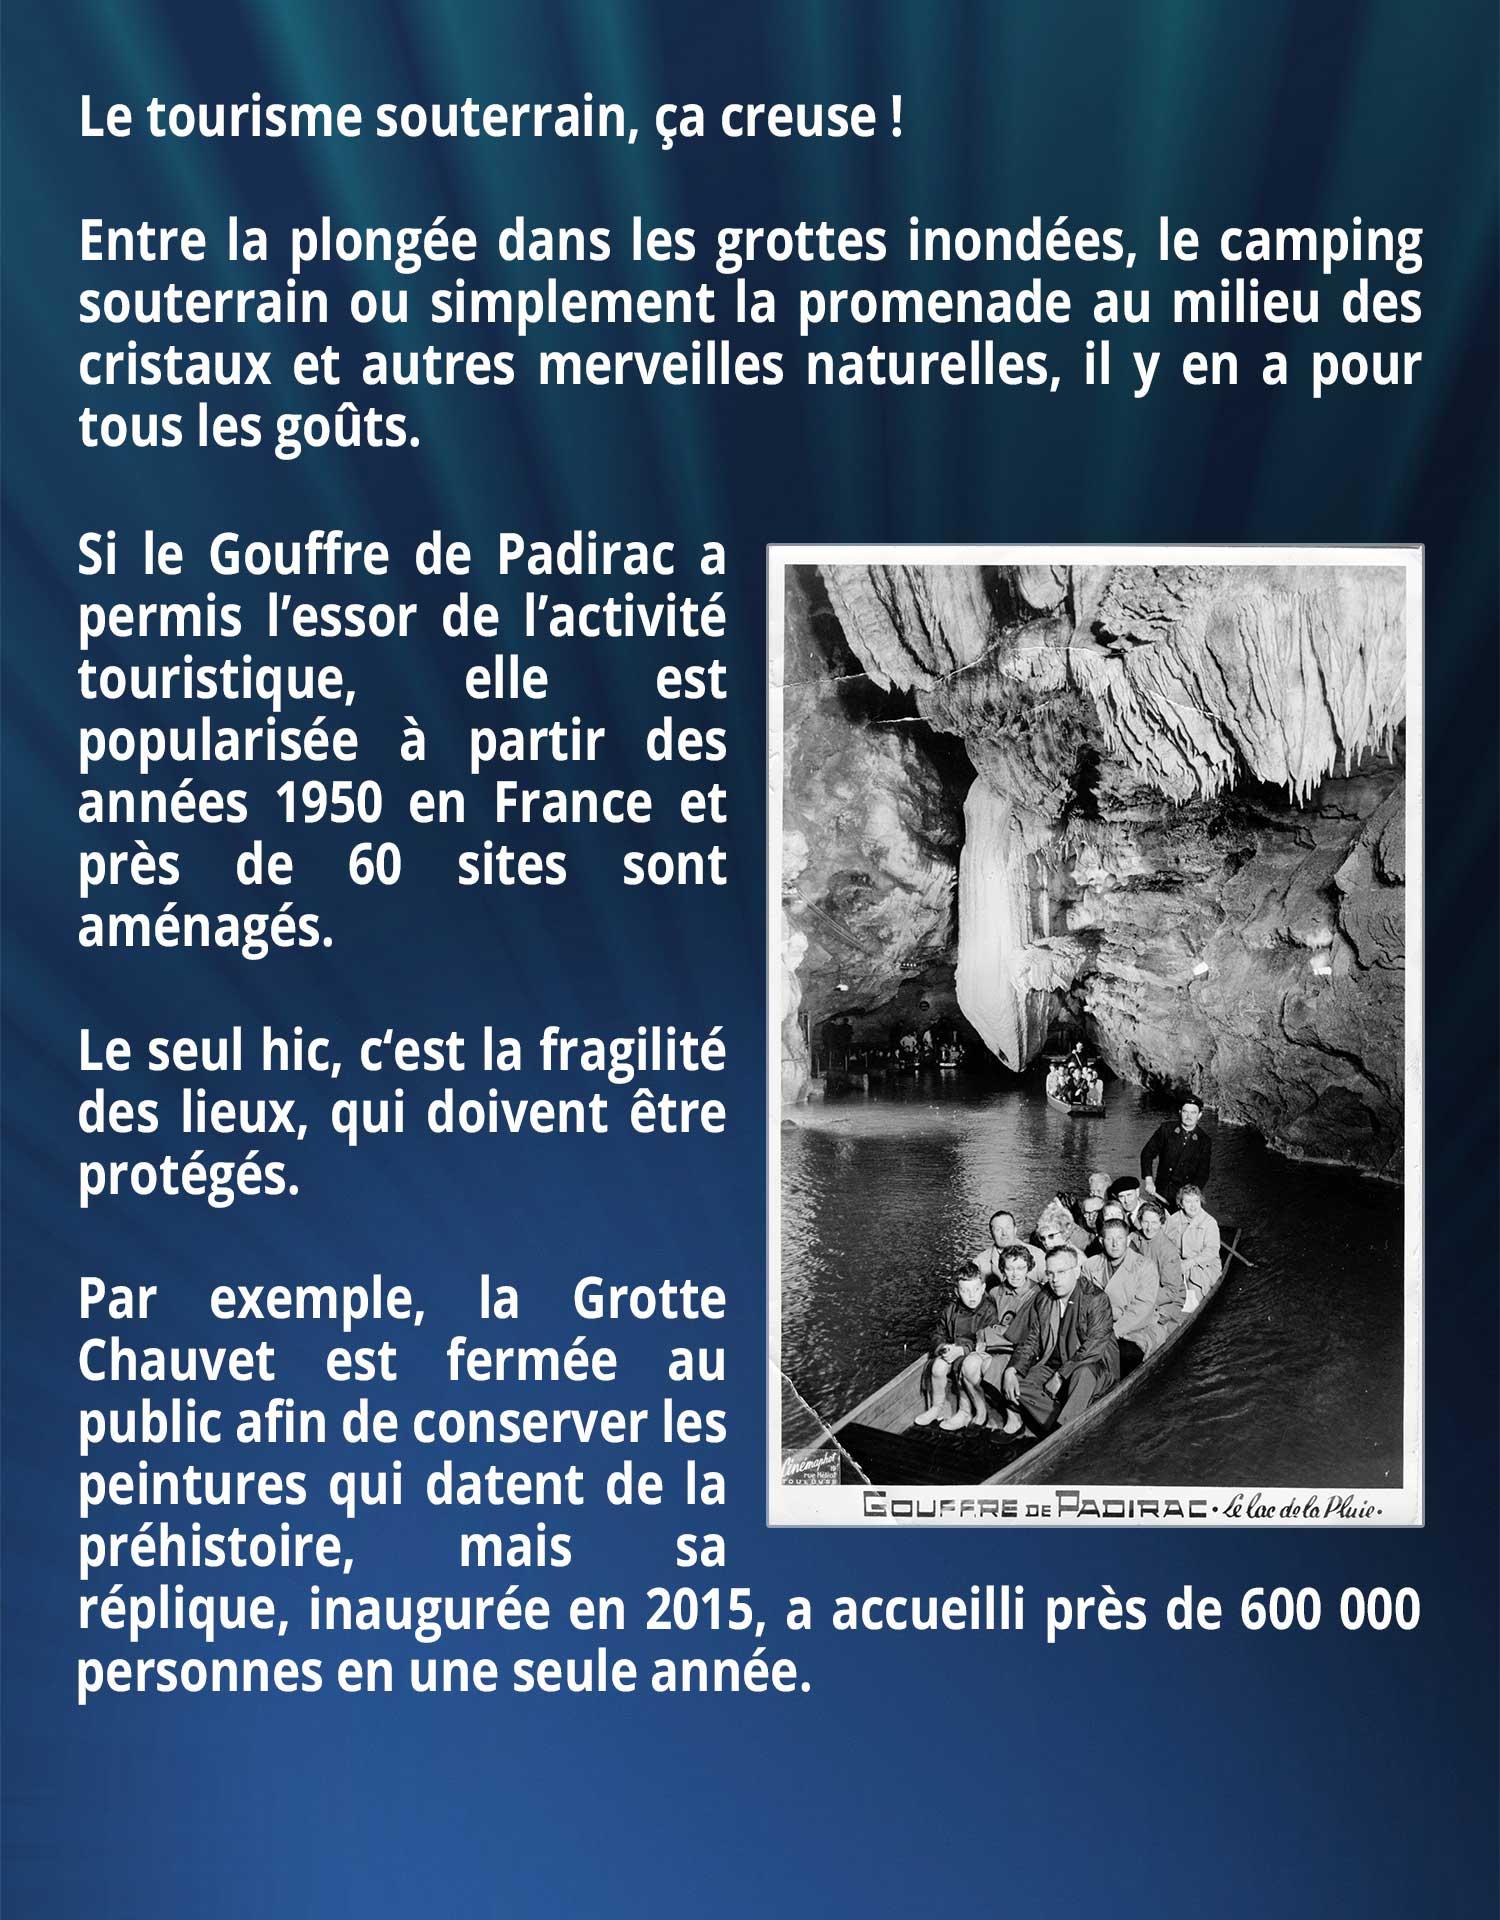 Le tourisme souterrain, ça creuse ! Entre la plongée dans les grottes inondées, le camping souterrain ou simplement la promenade au milieu des cristaux et autres merveilles naturelles, il y en a pour tous les goûts. Si le Gouffre de Padirac a permis l'essor de l'activité touristique, elle est popularisée à partir des années 1950 en France et près de 60 sites sont aménagés. Le seul hic, c'est la fragilité des lieux, qui doivent être protégés. Par exemple, la Grotte Chauvet est fermée au public afin de conserver les peintures qui datent de la préhistoire, mais sa réplique, inaugurée en 2015, a accueilli près de 600 000 personnes en une seule année.